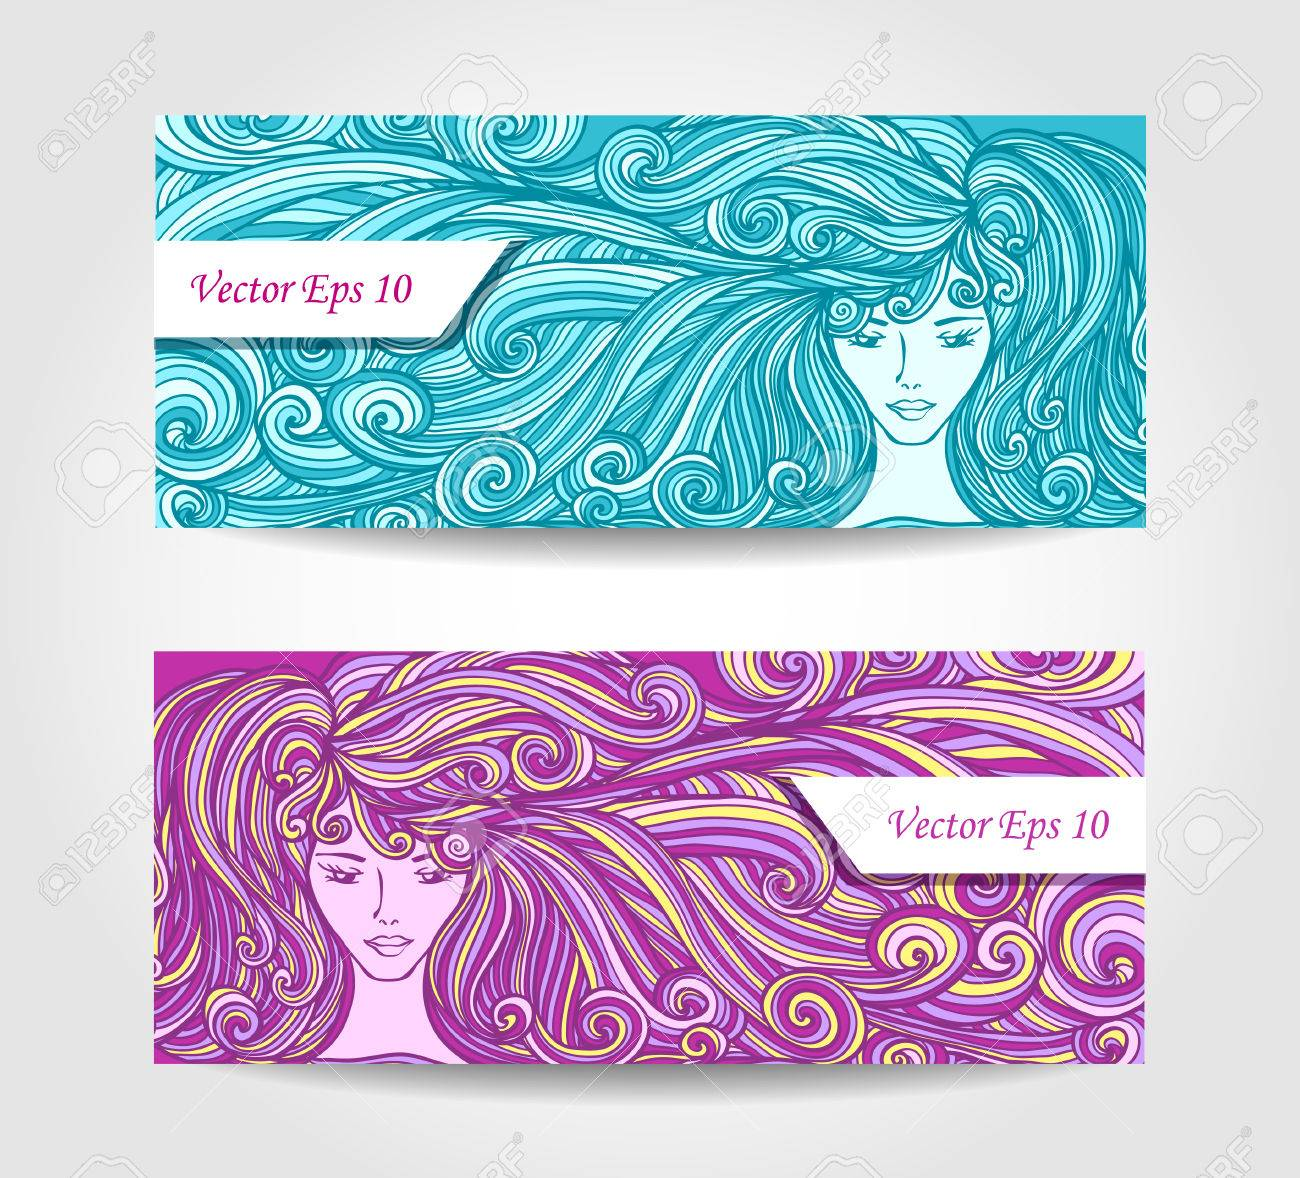 Rglez Bannires Ou Des Cartes De Visite Rduction Avec Belle Fille Longs Cheveux Boucls Couleur Lilas Cyan Pour Salon Coiffure